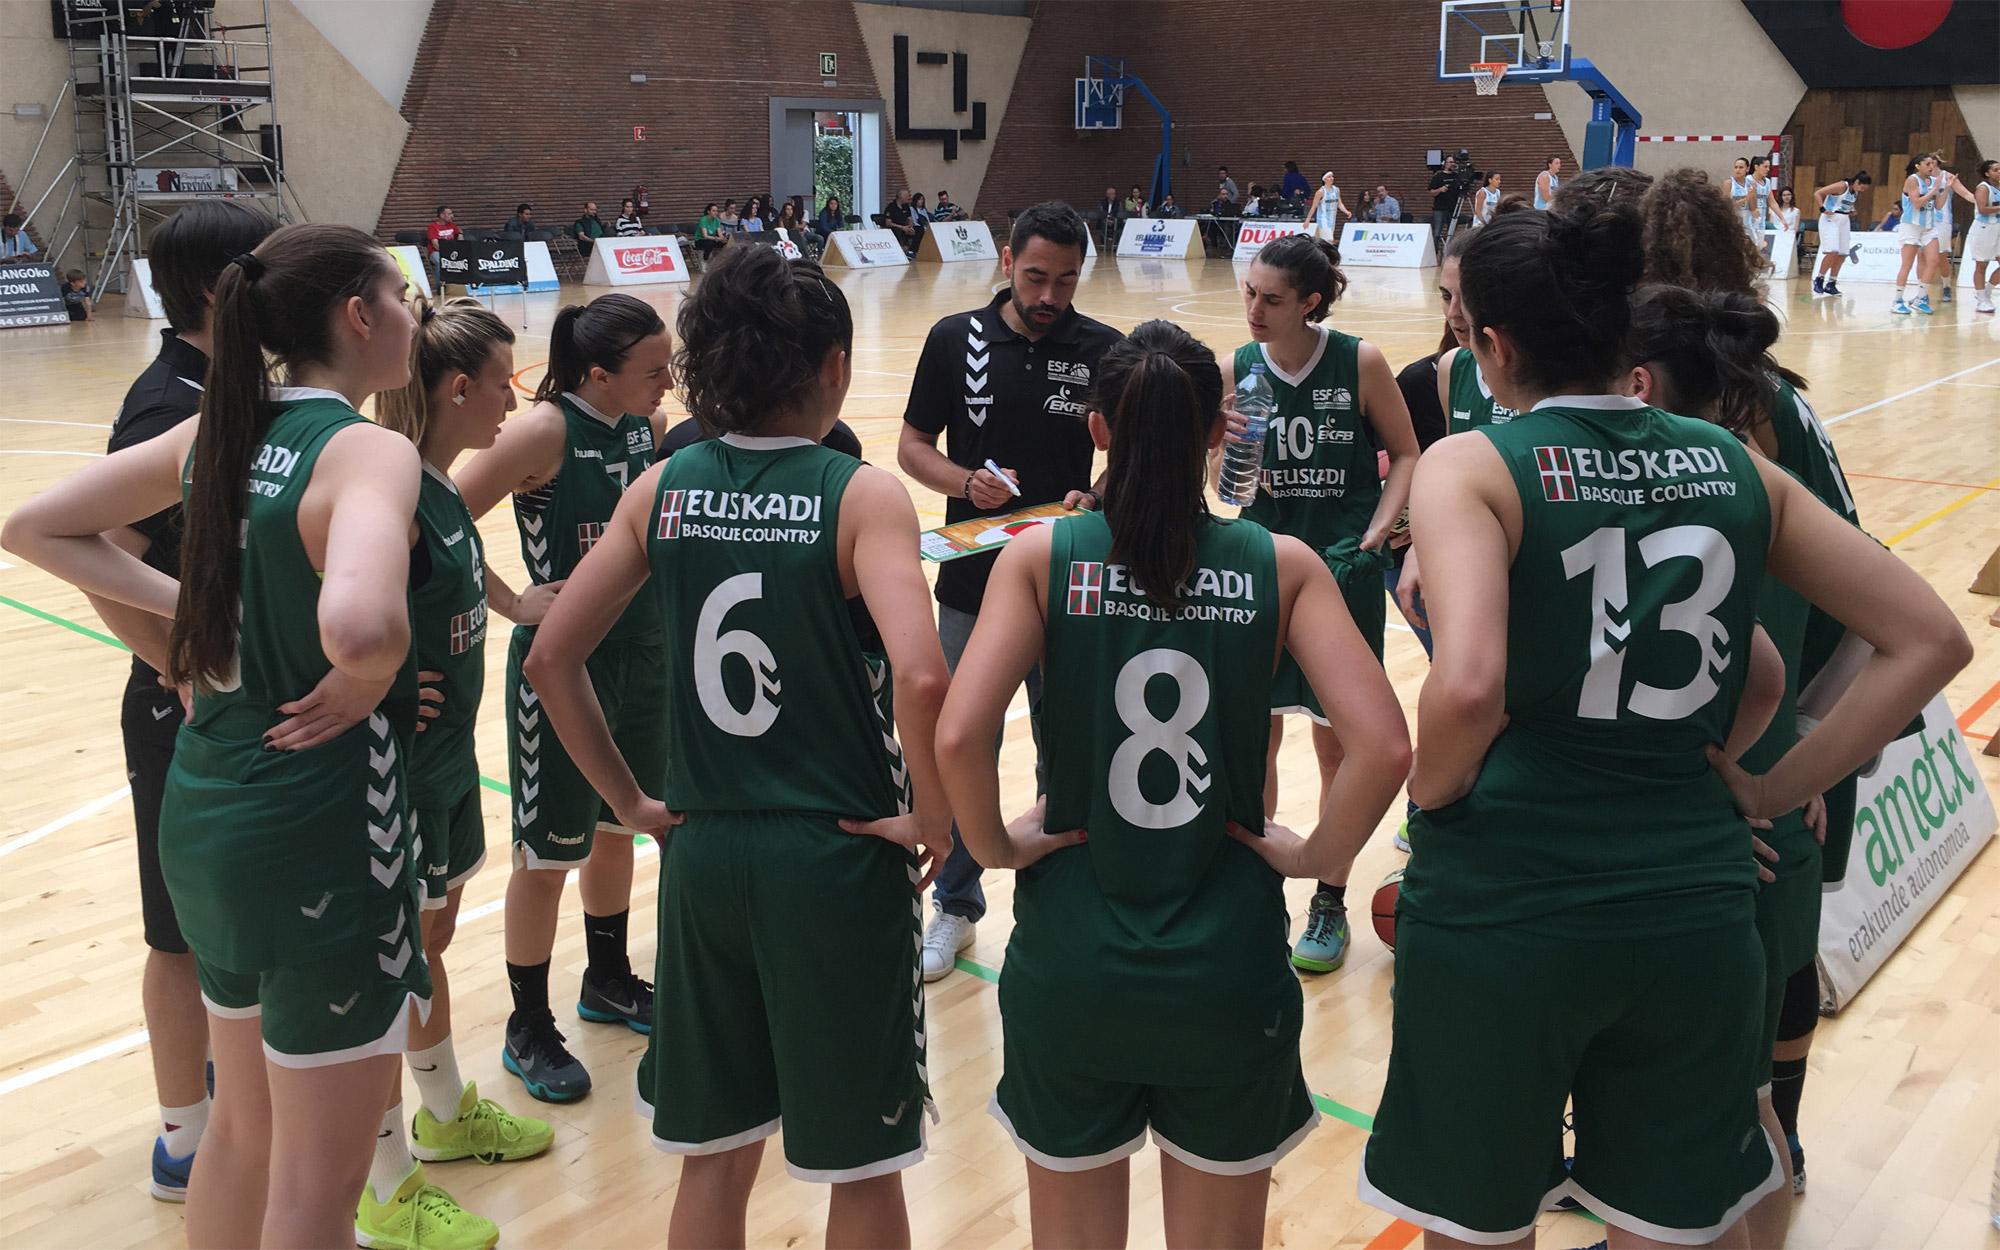 Triangular Euskadi, Argentina y Venezuela en Durango y Amorebieta (3, 4 y 5 de junio de 2016) Selección Euskadi Absoluta Femenina Baloncesto